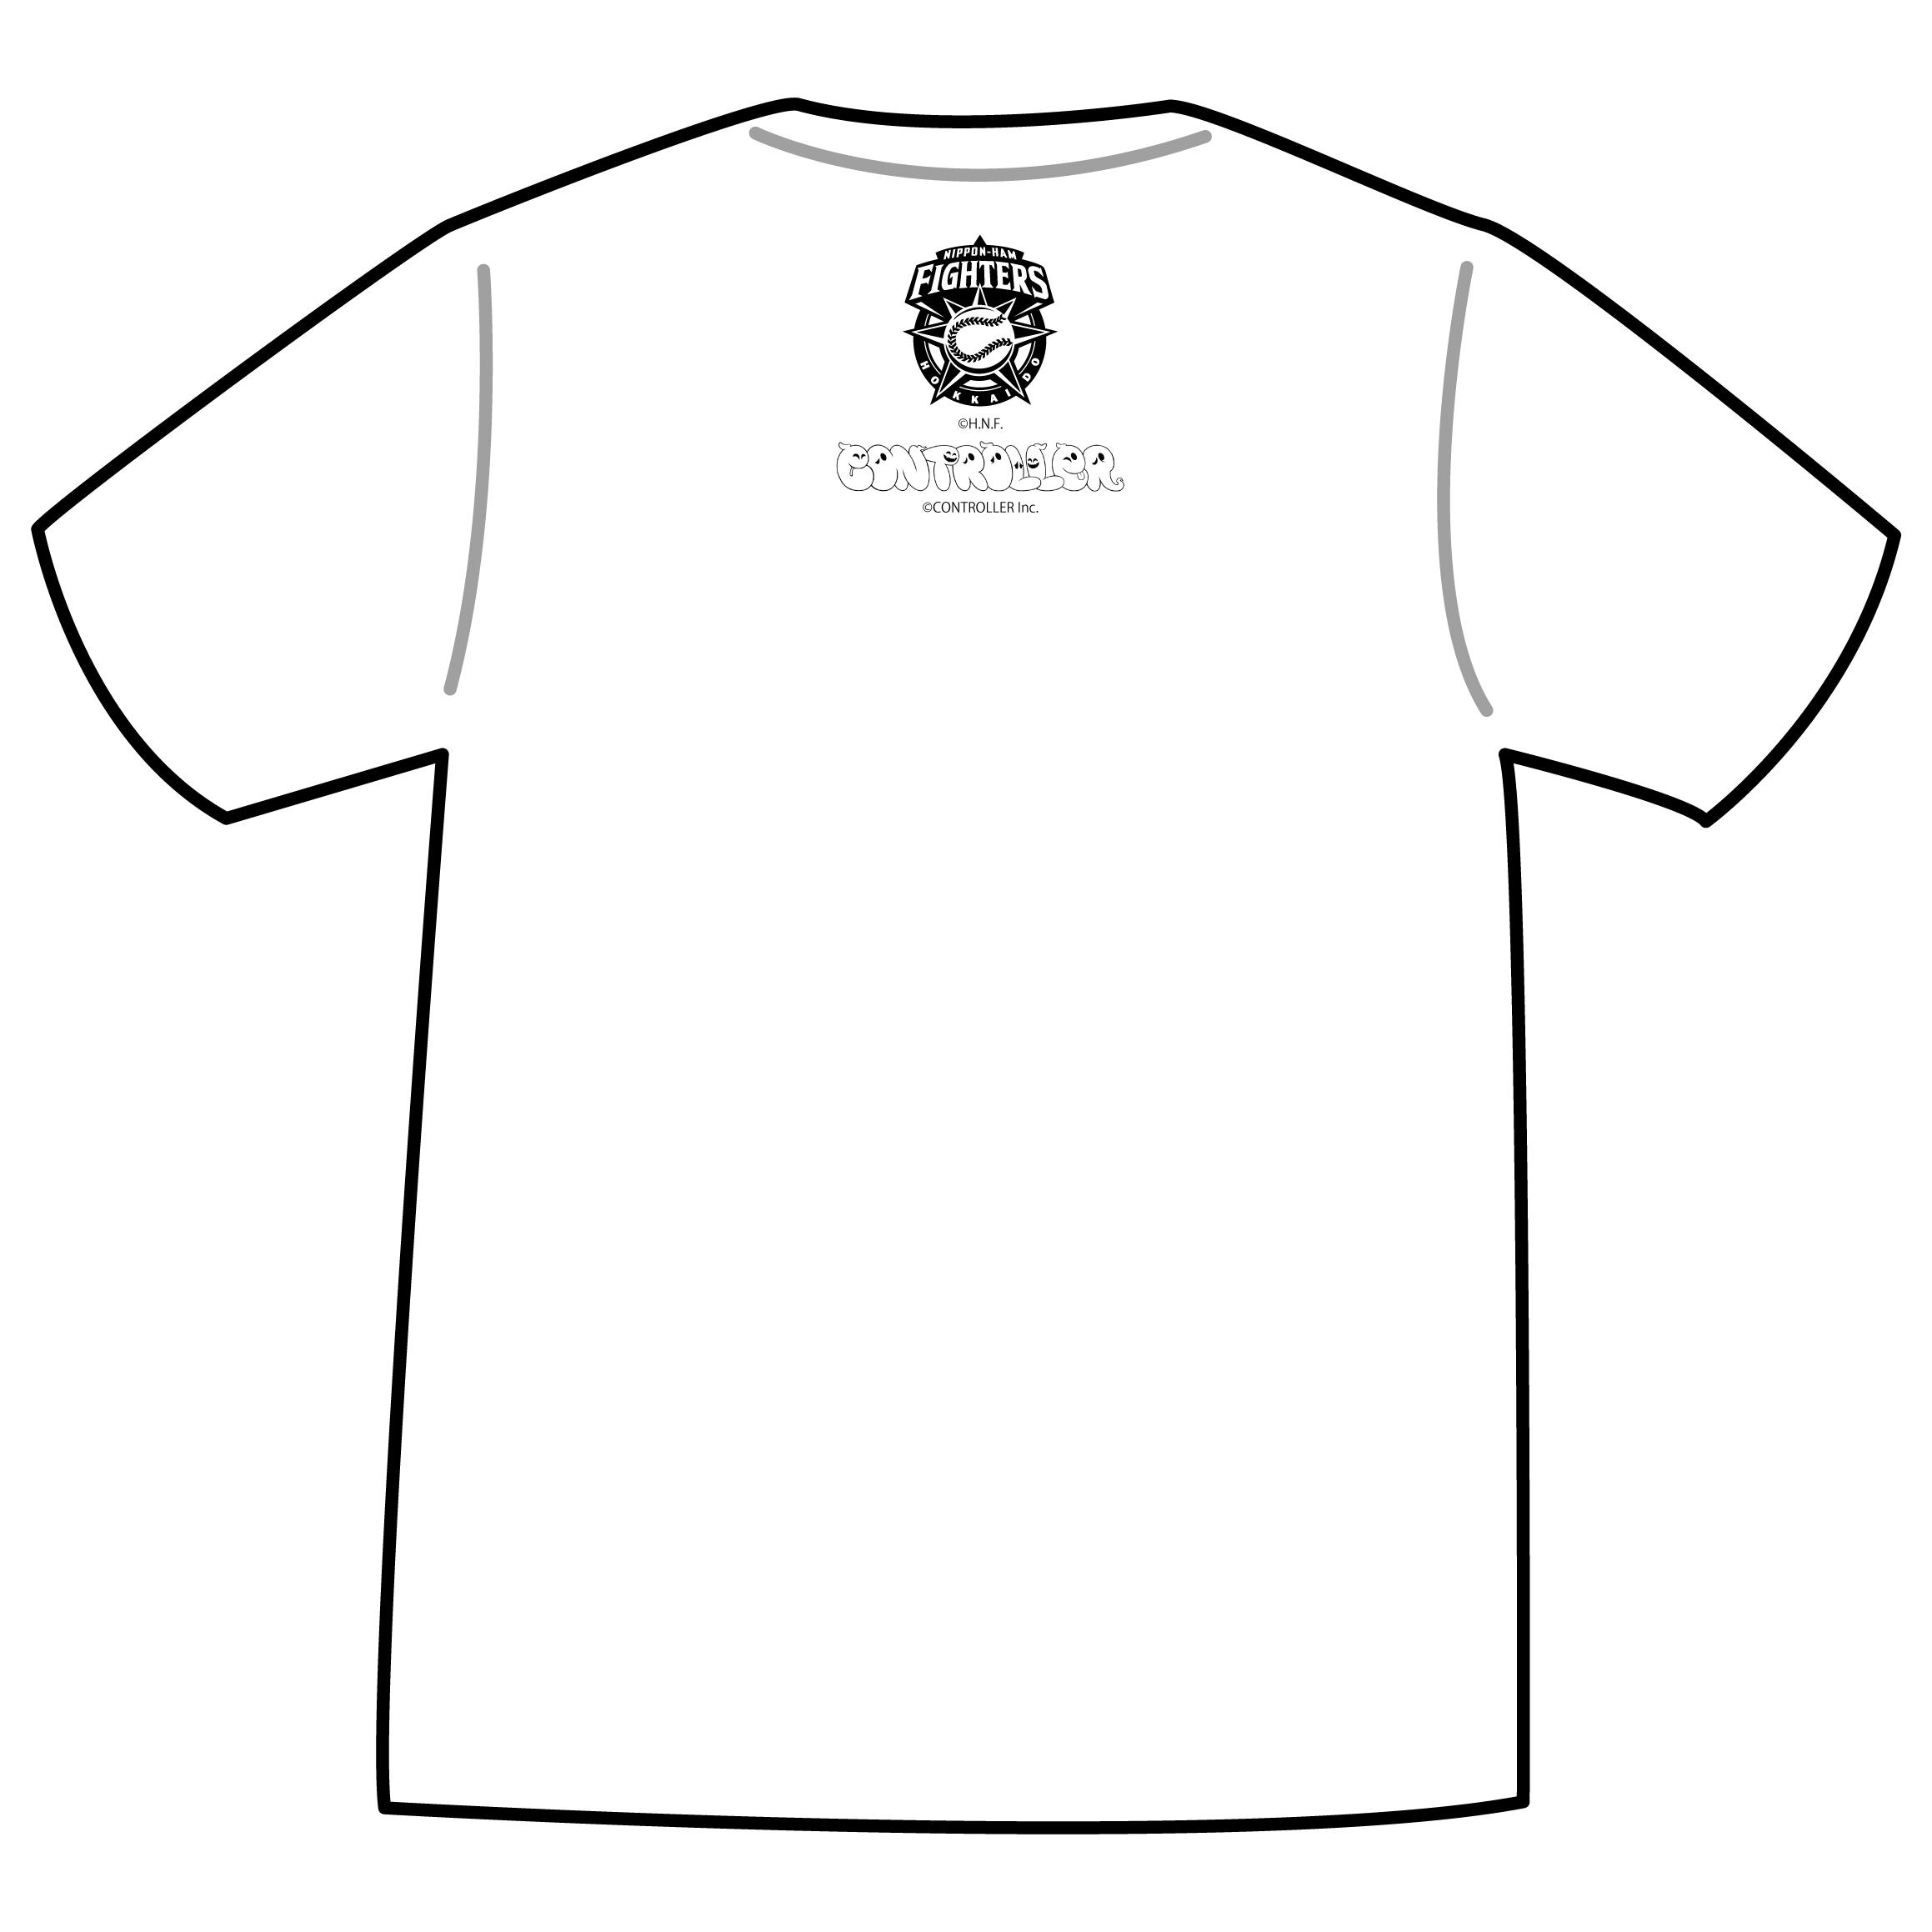 ドットファイターズ 「にしかわ」 Tシャツ ホワイト